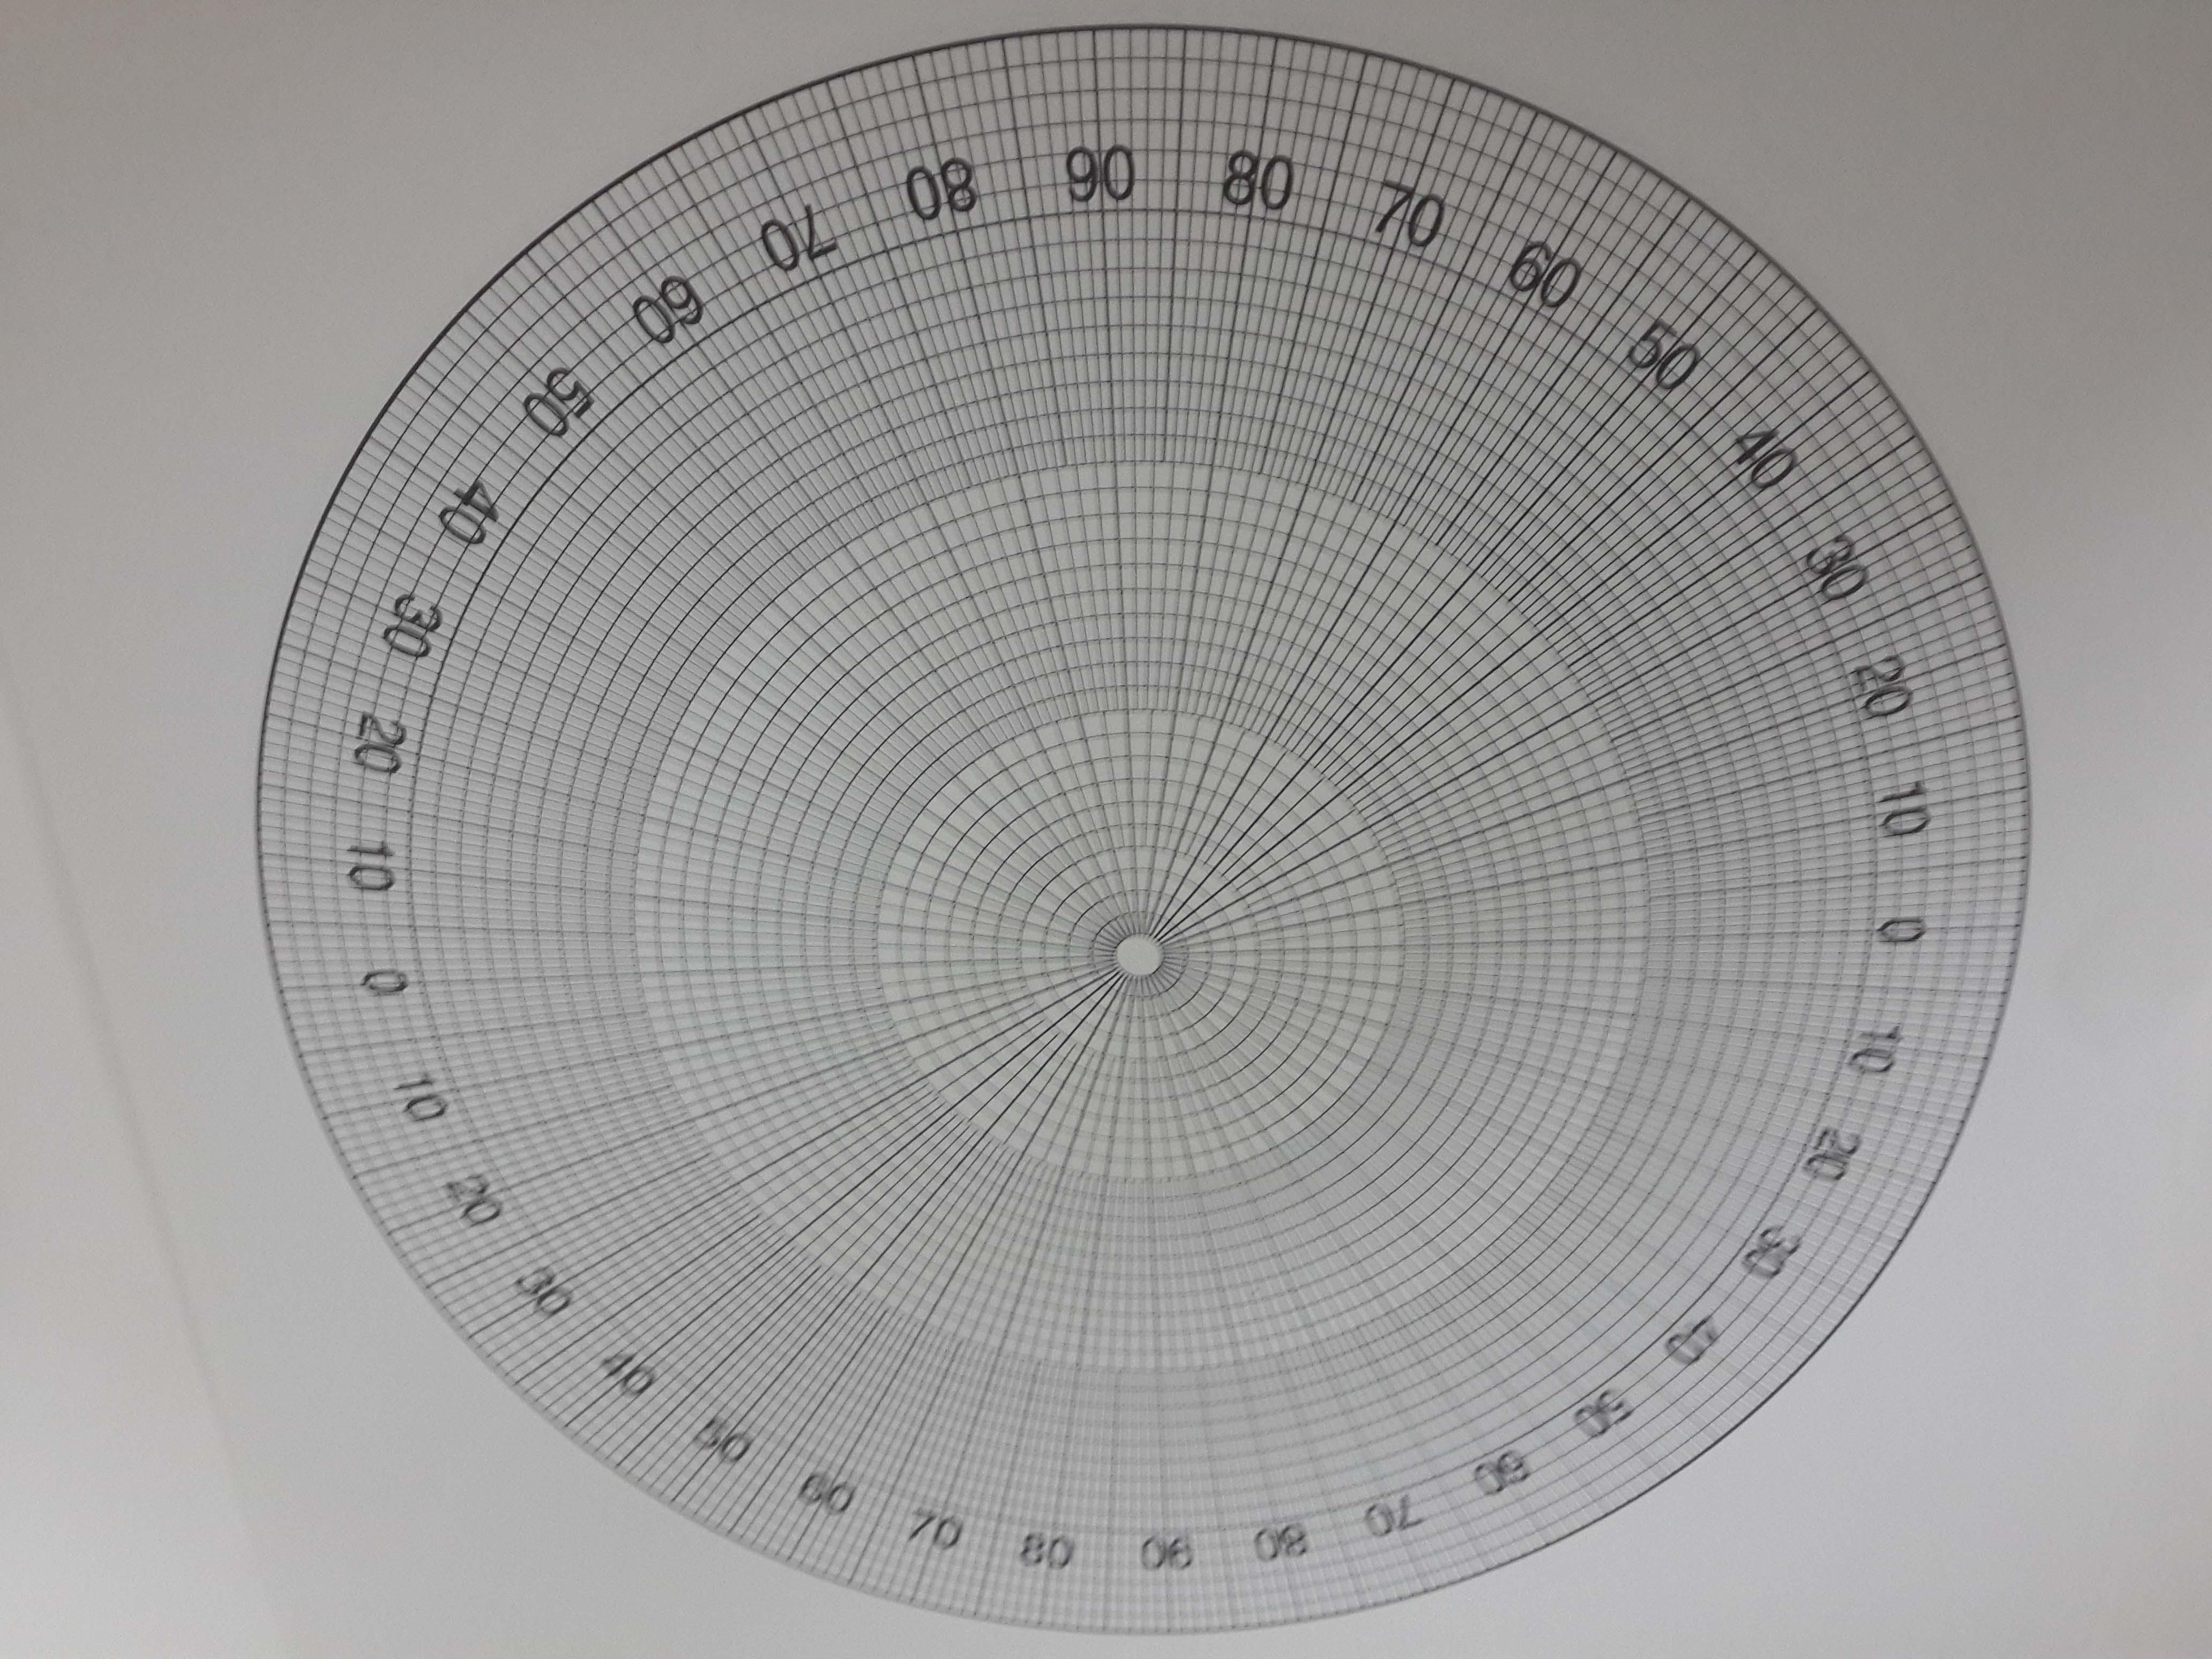 נייר פולרי לאופטיקה גיאומטרית 212